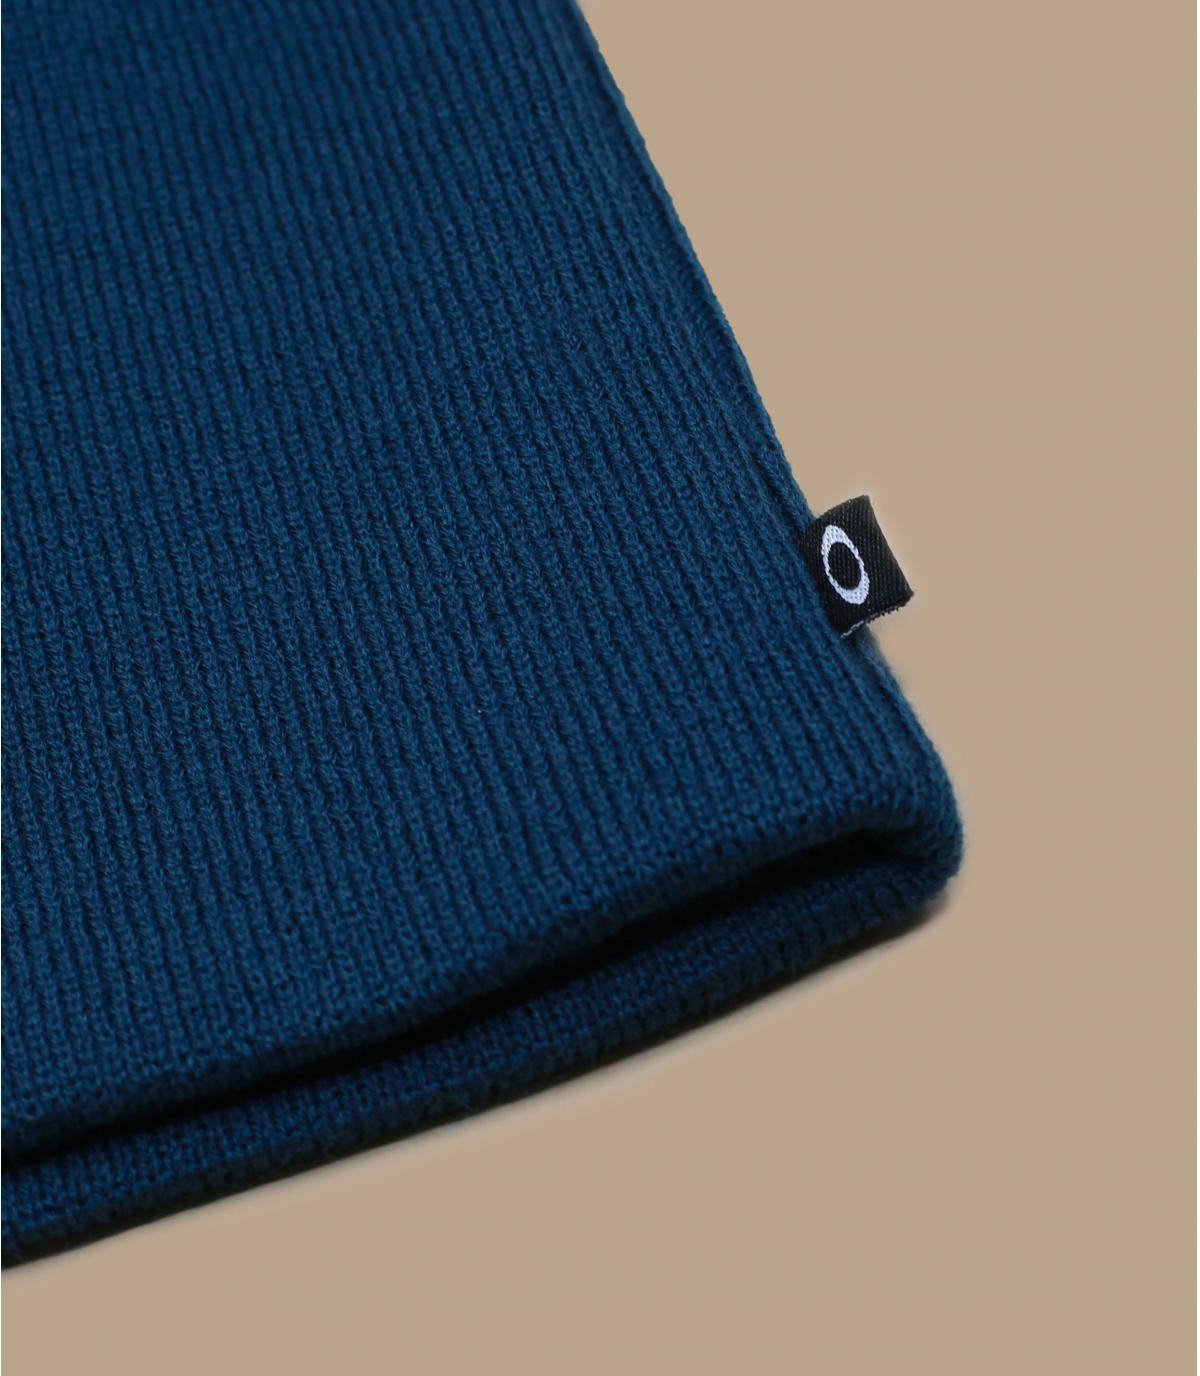 Détails Fine Knit Beanie pond blue - image 2